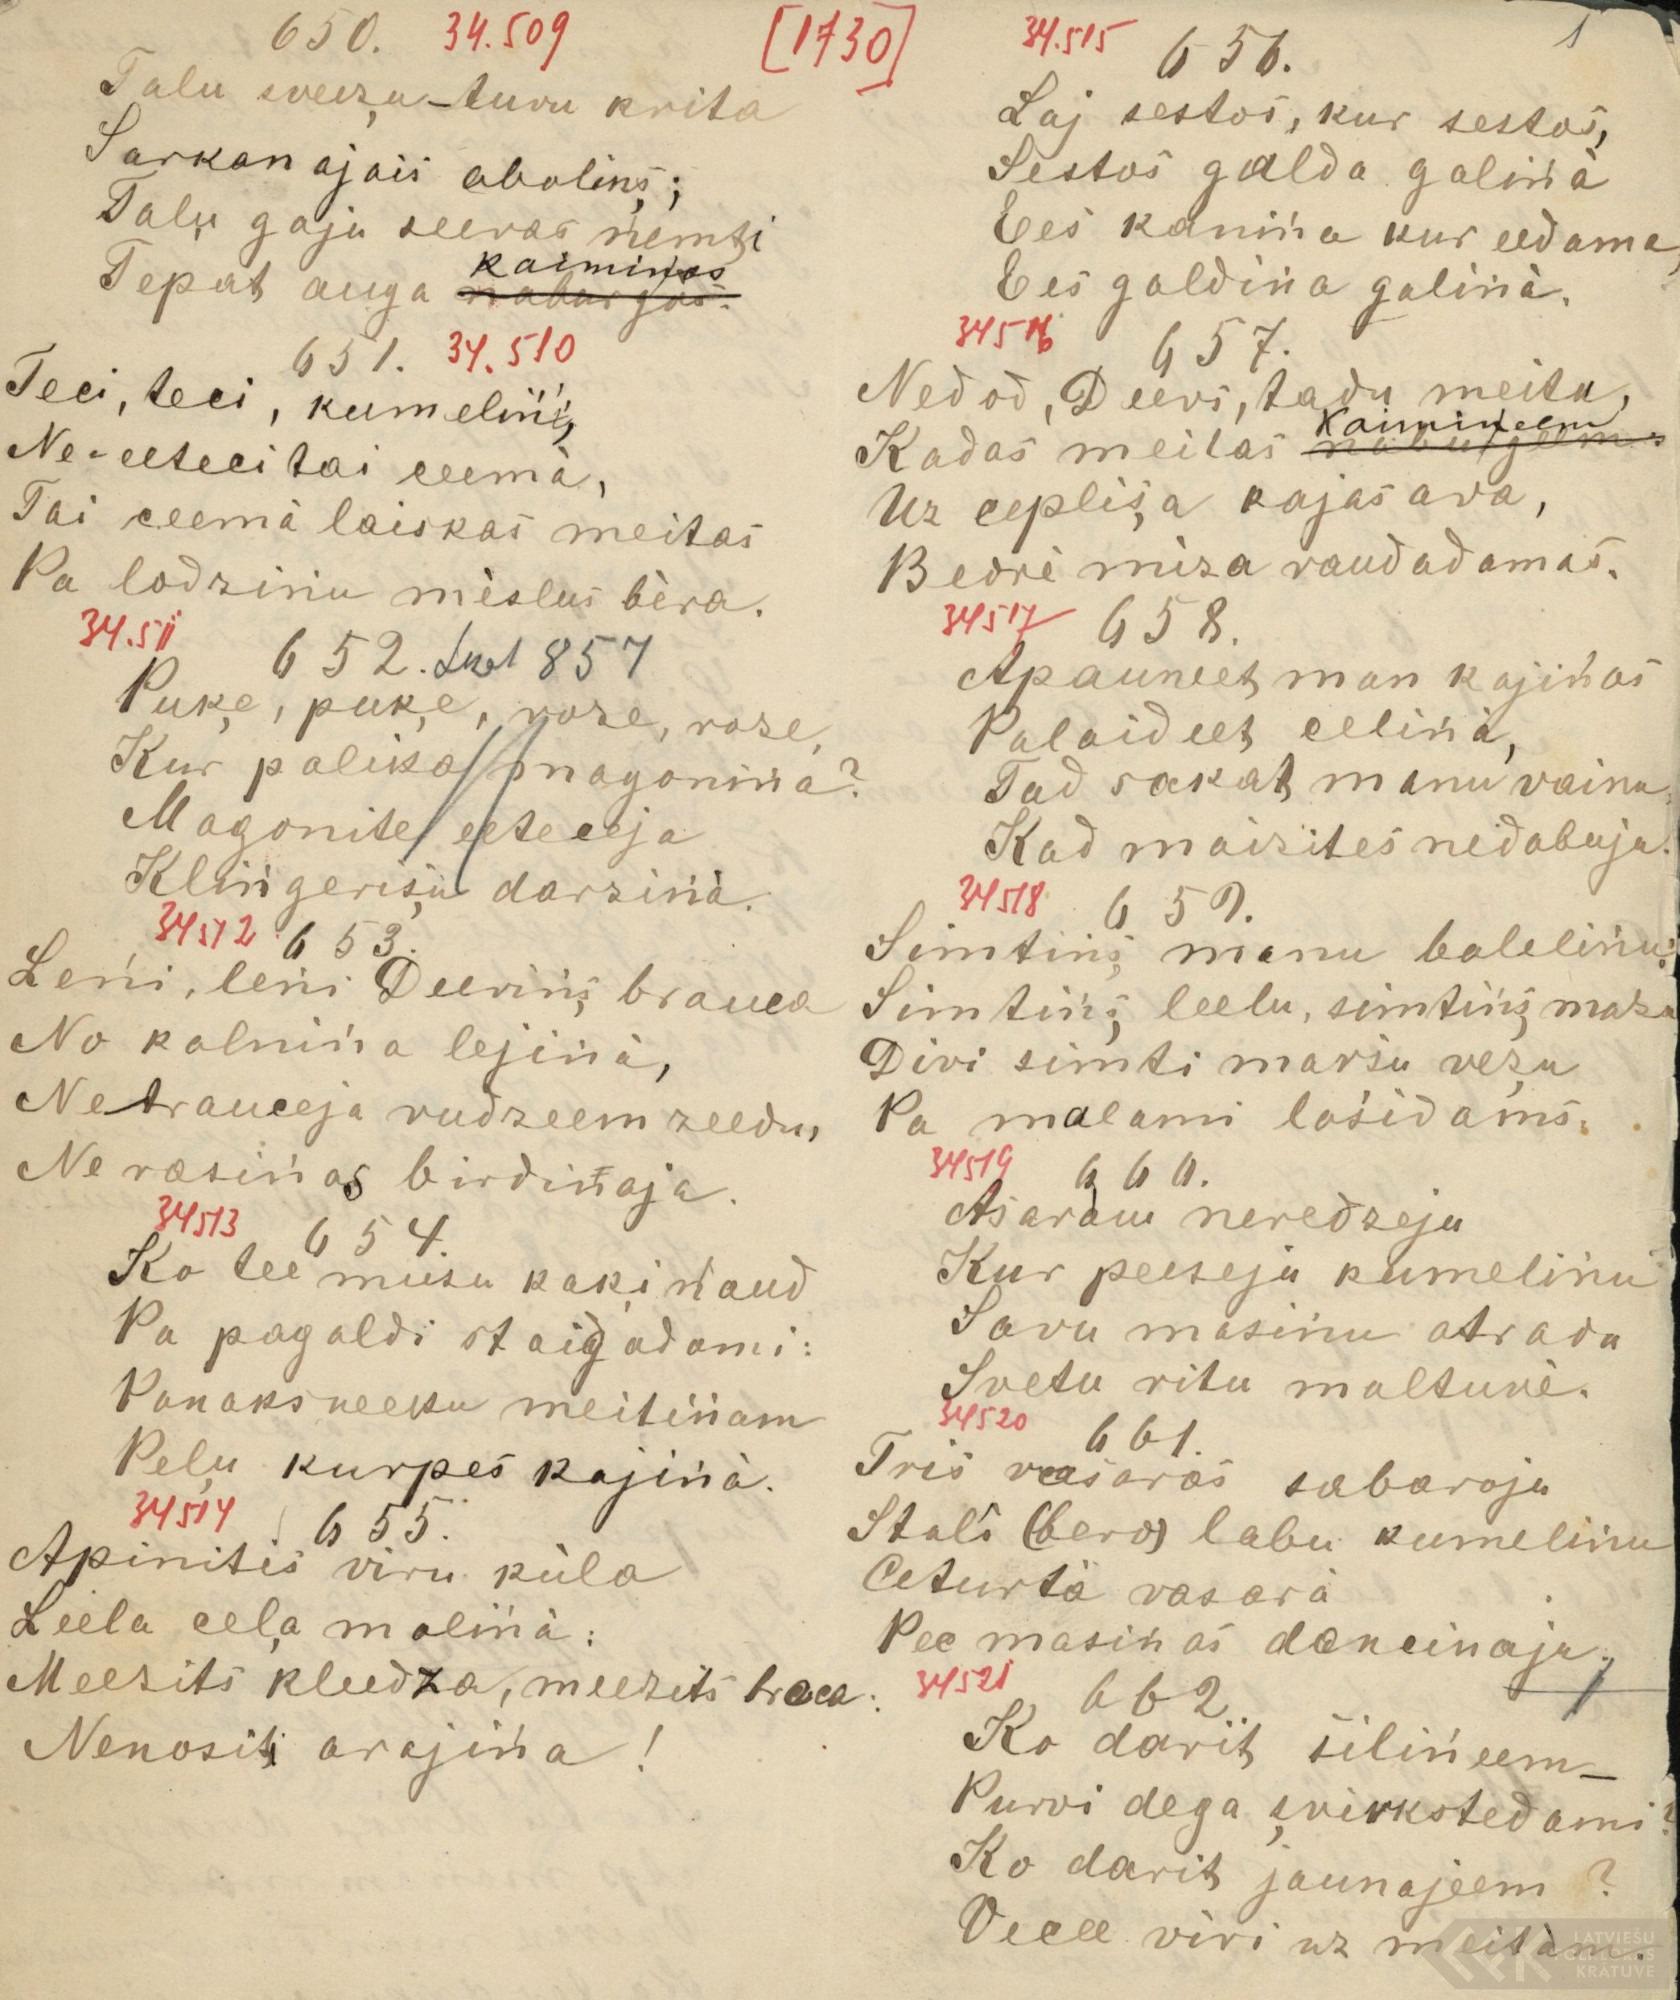 1730-Rigas-Latviesu-biedriba-14-0348